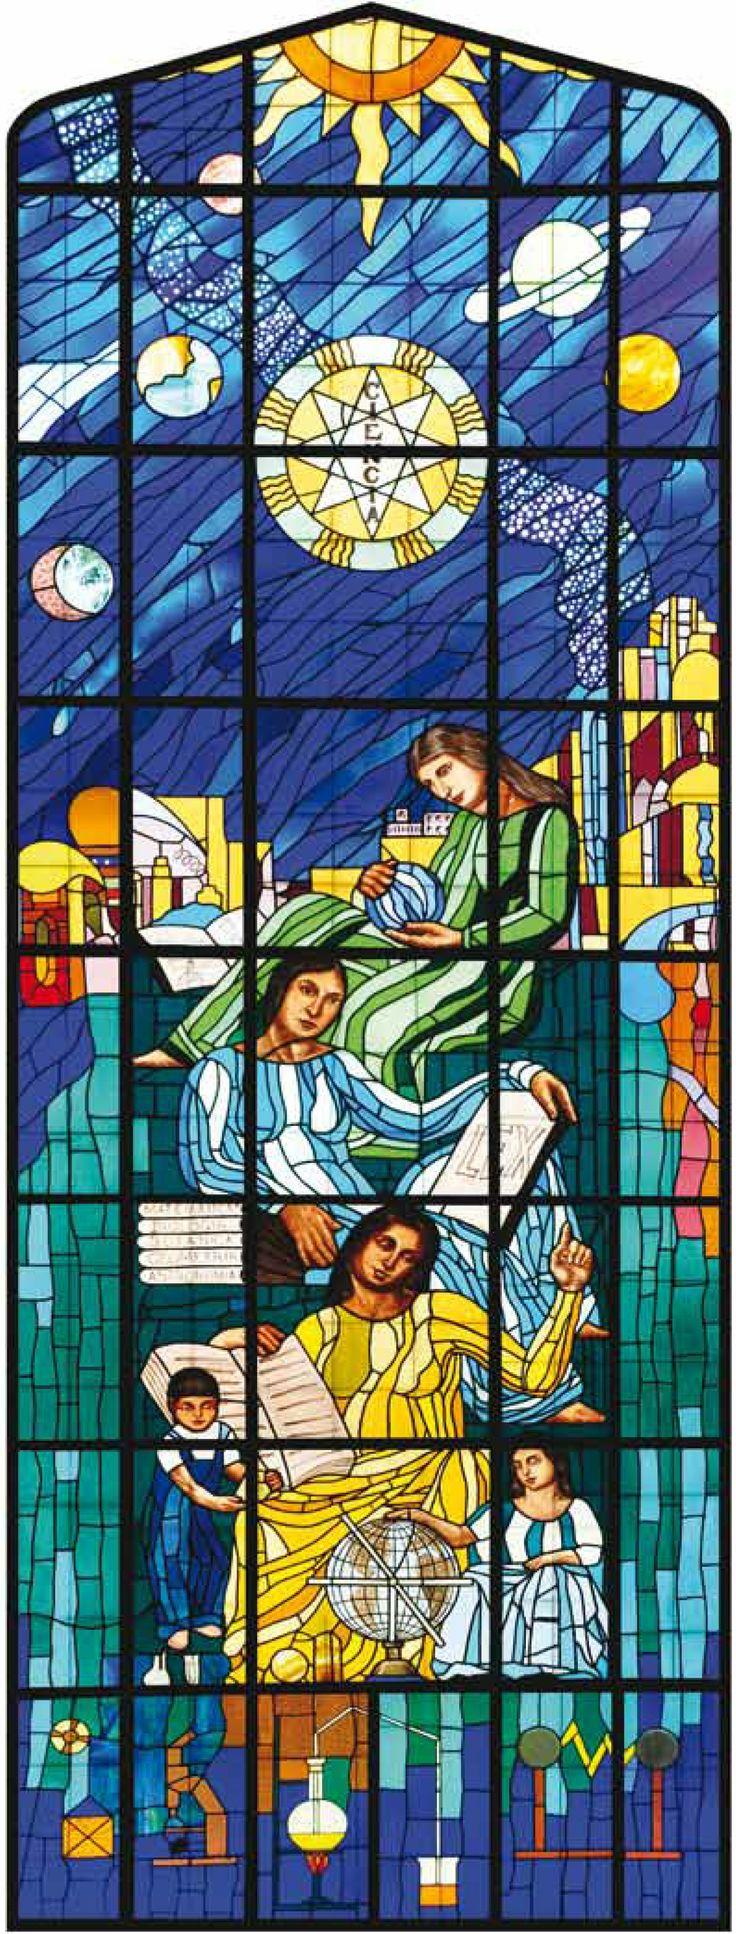 """La Enseñanza, vitral. Autor: Roberto Montenegro. 1933-1934. Ubicación: Aula Magna """"Fray Servando Teresa de Mier"""", Colegio Civil Centro Cultural Universitario."""